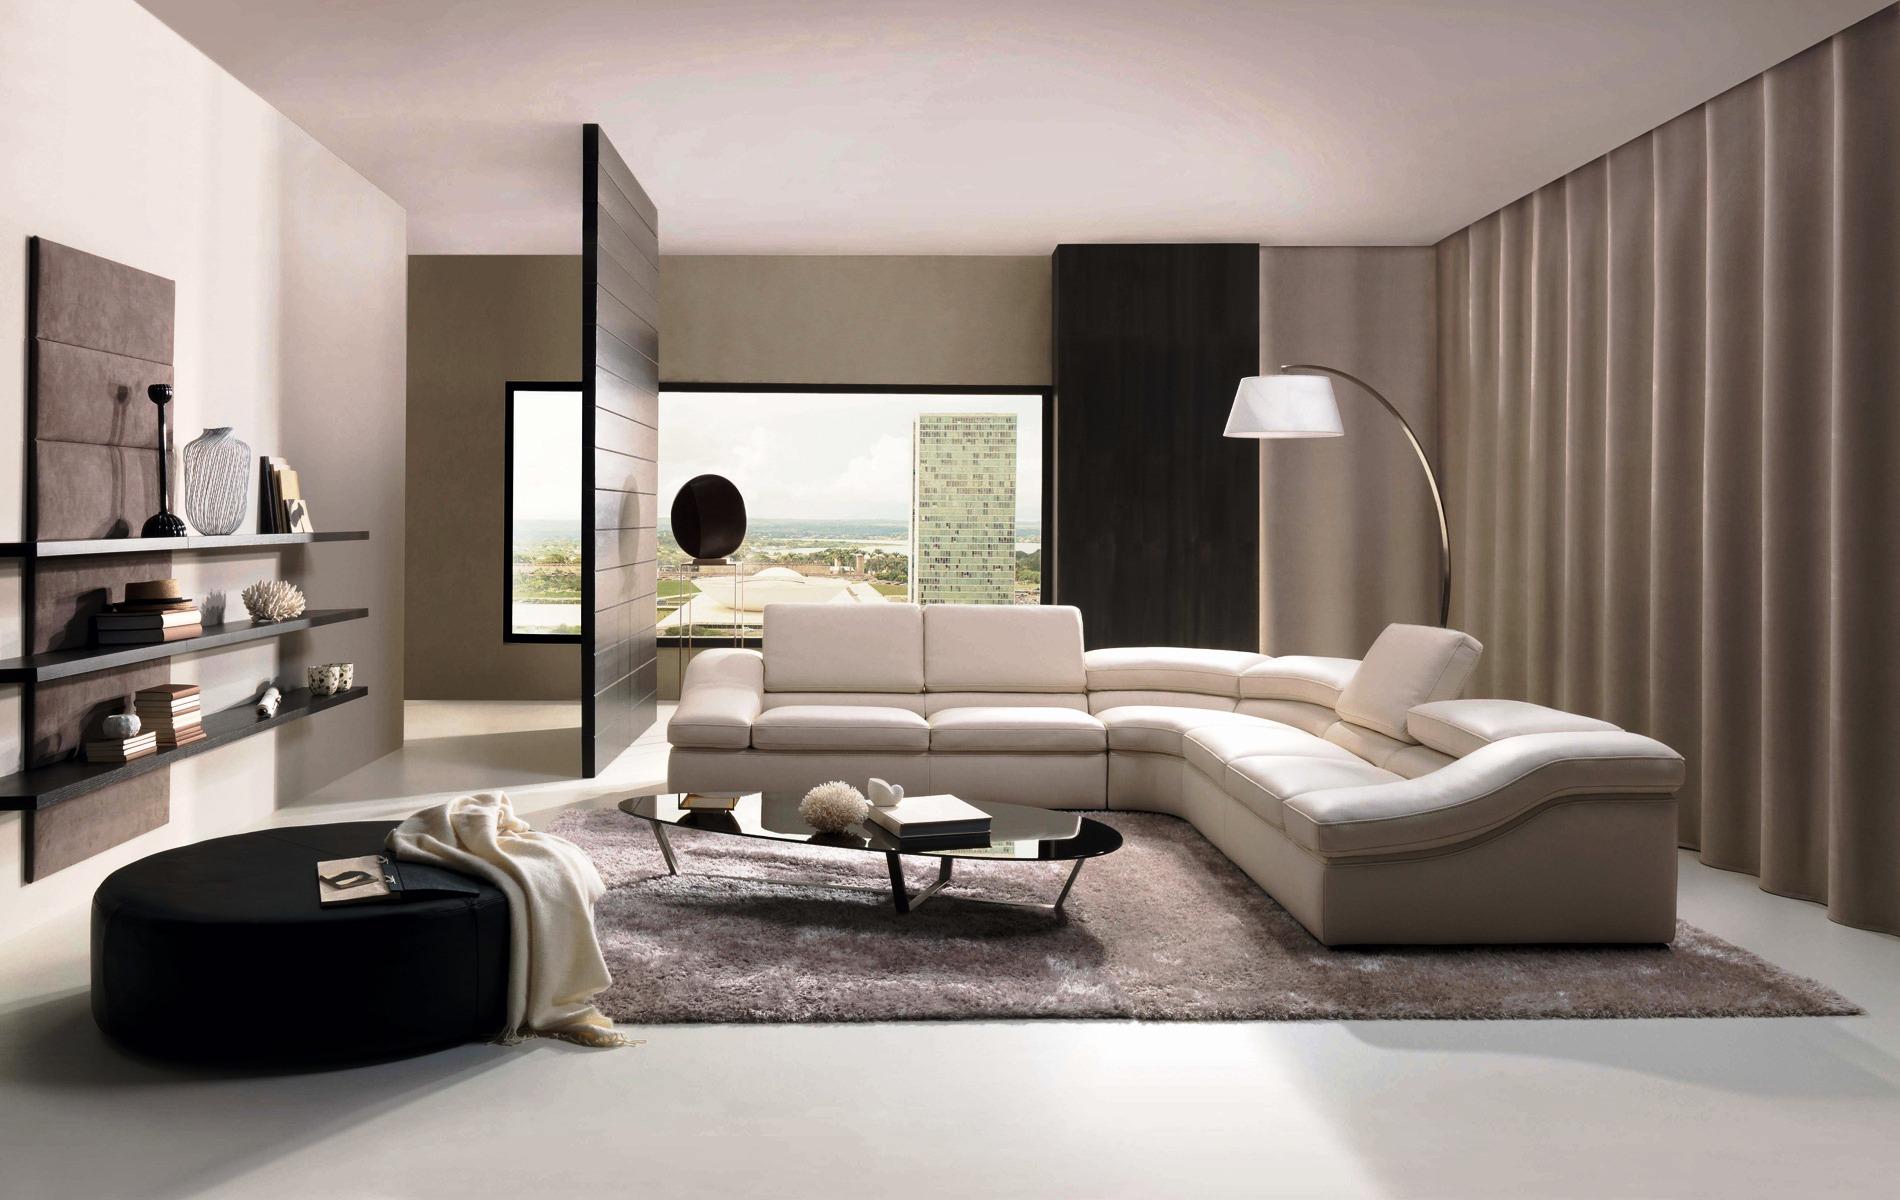 Дизайн квартир домов коттеджей